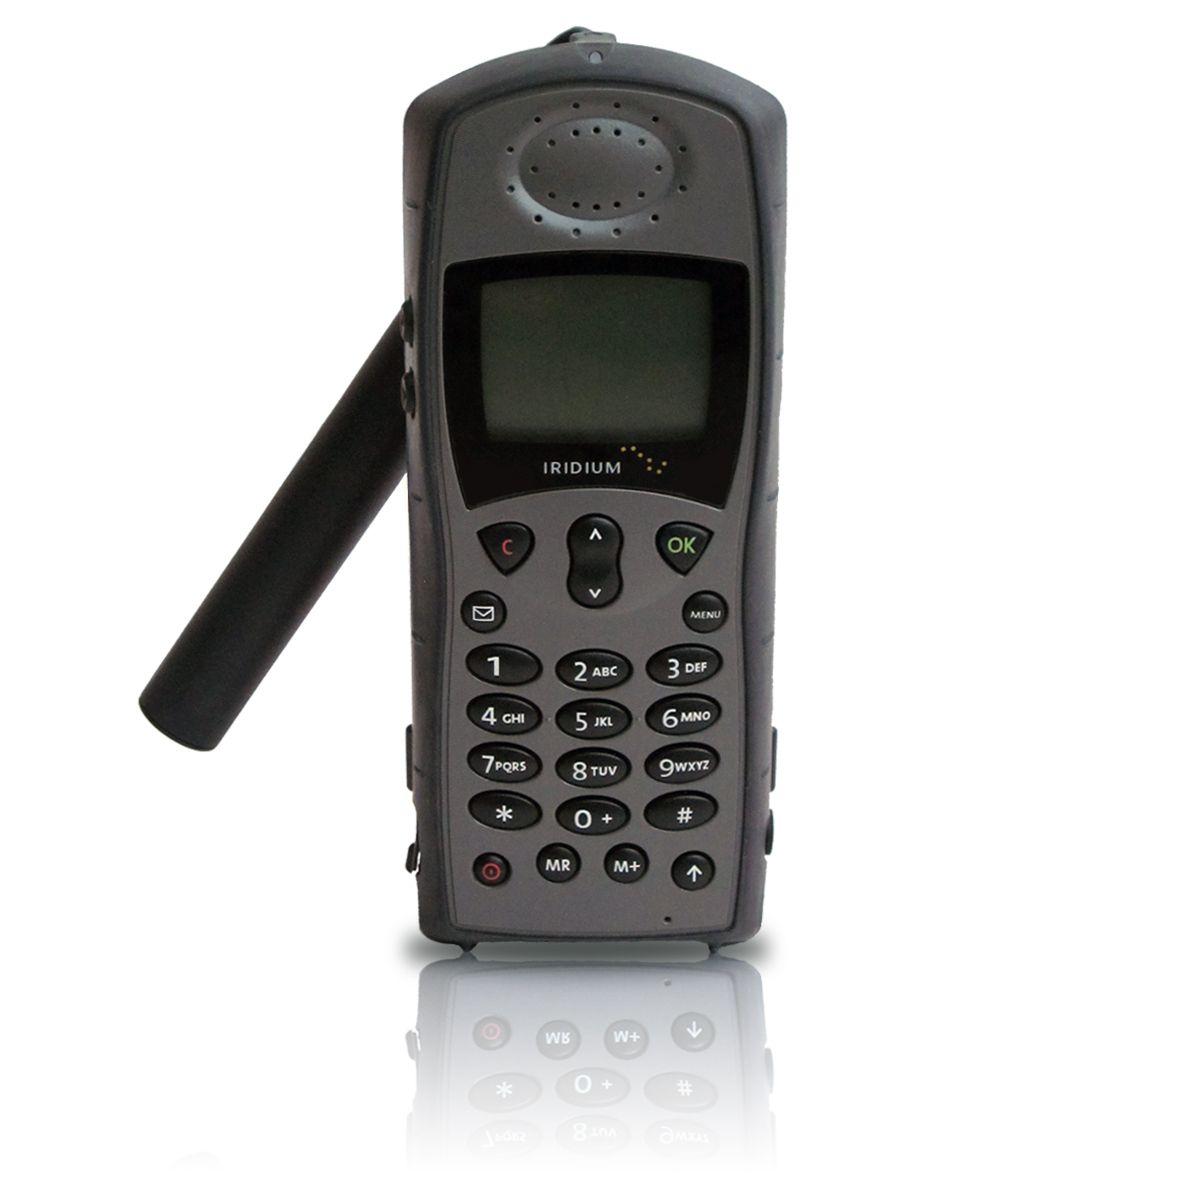 Iridium Satellite Phone >> Iridium 9505a Satellite Phone Refurbished Satellite Phone